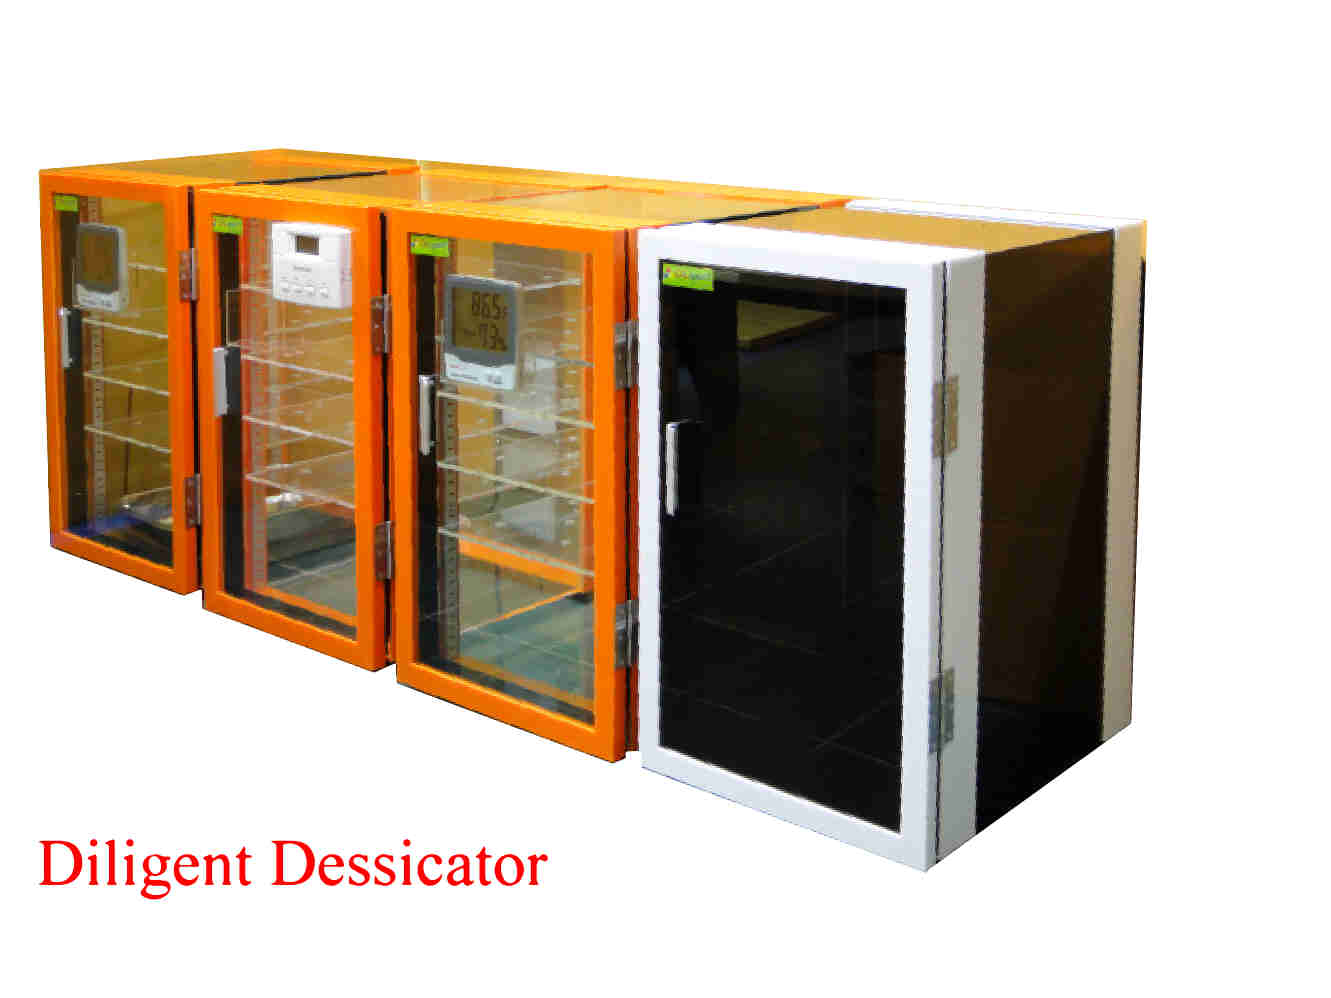 ตู้ลดความชื้นด้วยไฟฟ้า  Dry Cabinet Diligent รุ่น DE-57A แบบอนาล็อค พร้อมแสดงผล 4